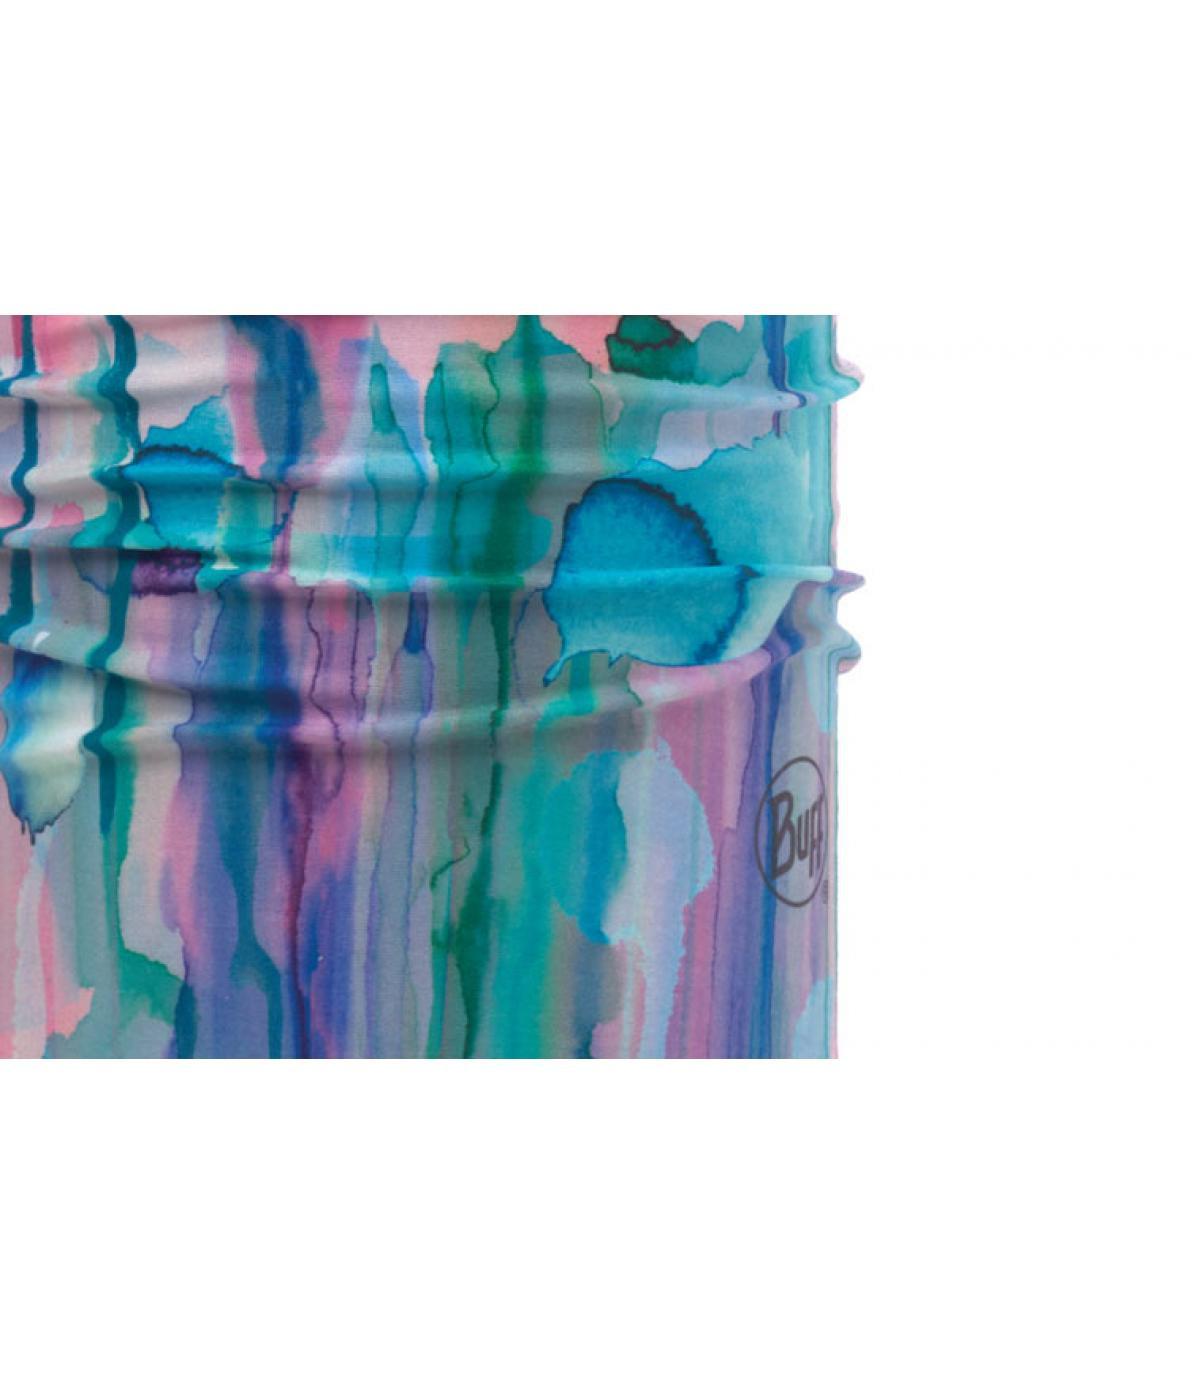 Buff imprimé bleu rose